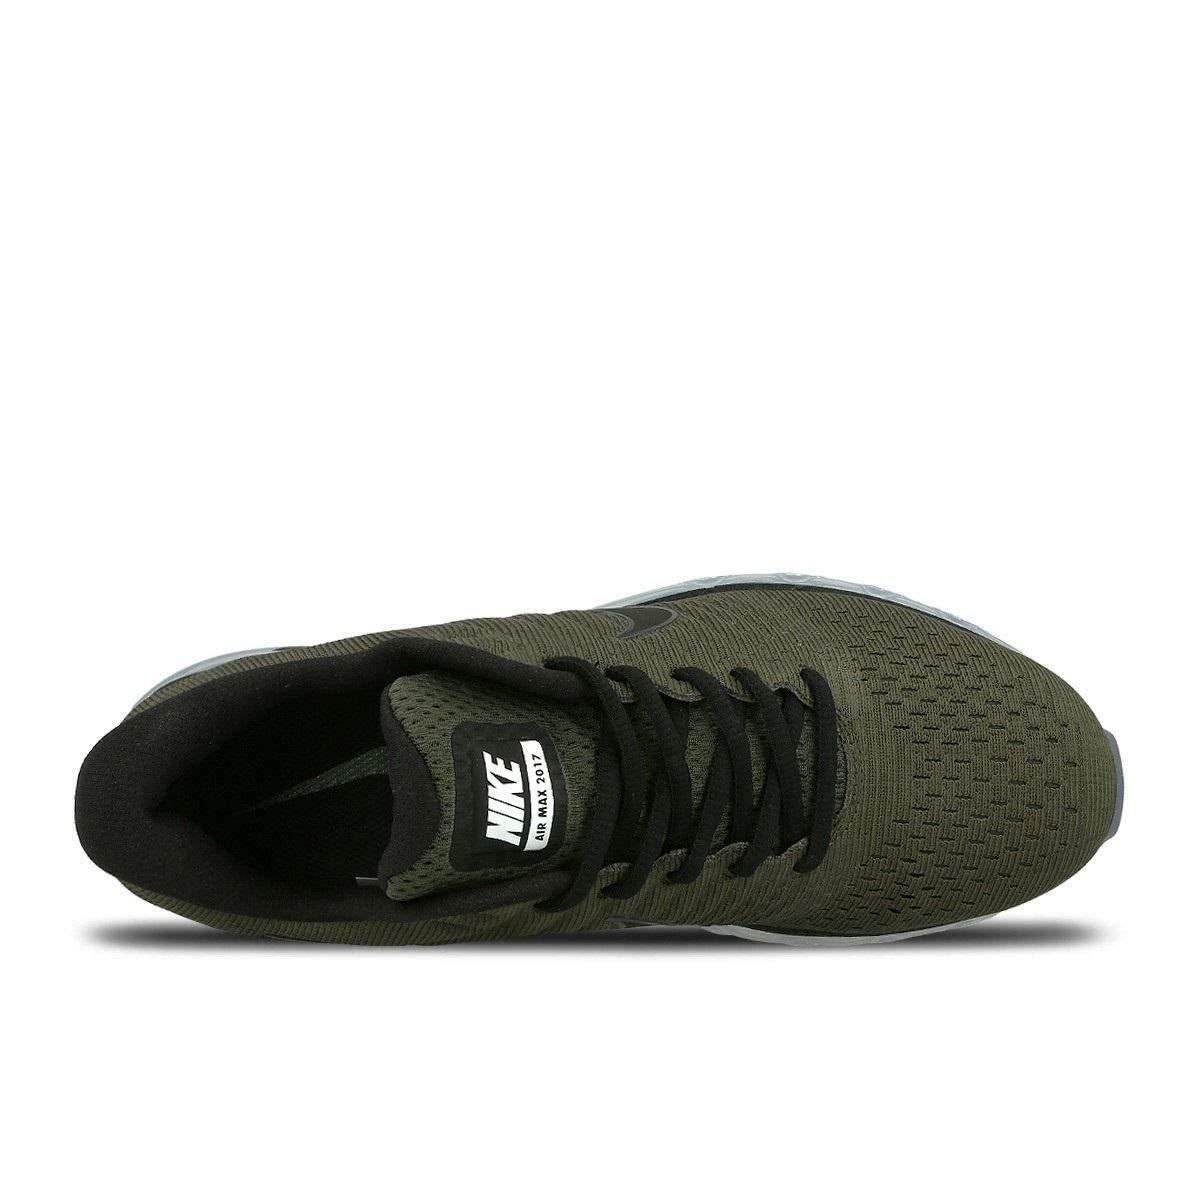 Nike Air Max 2017 blackblackblack ab 152,00